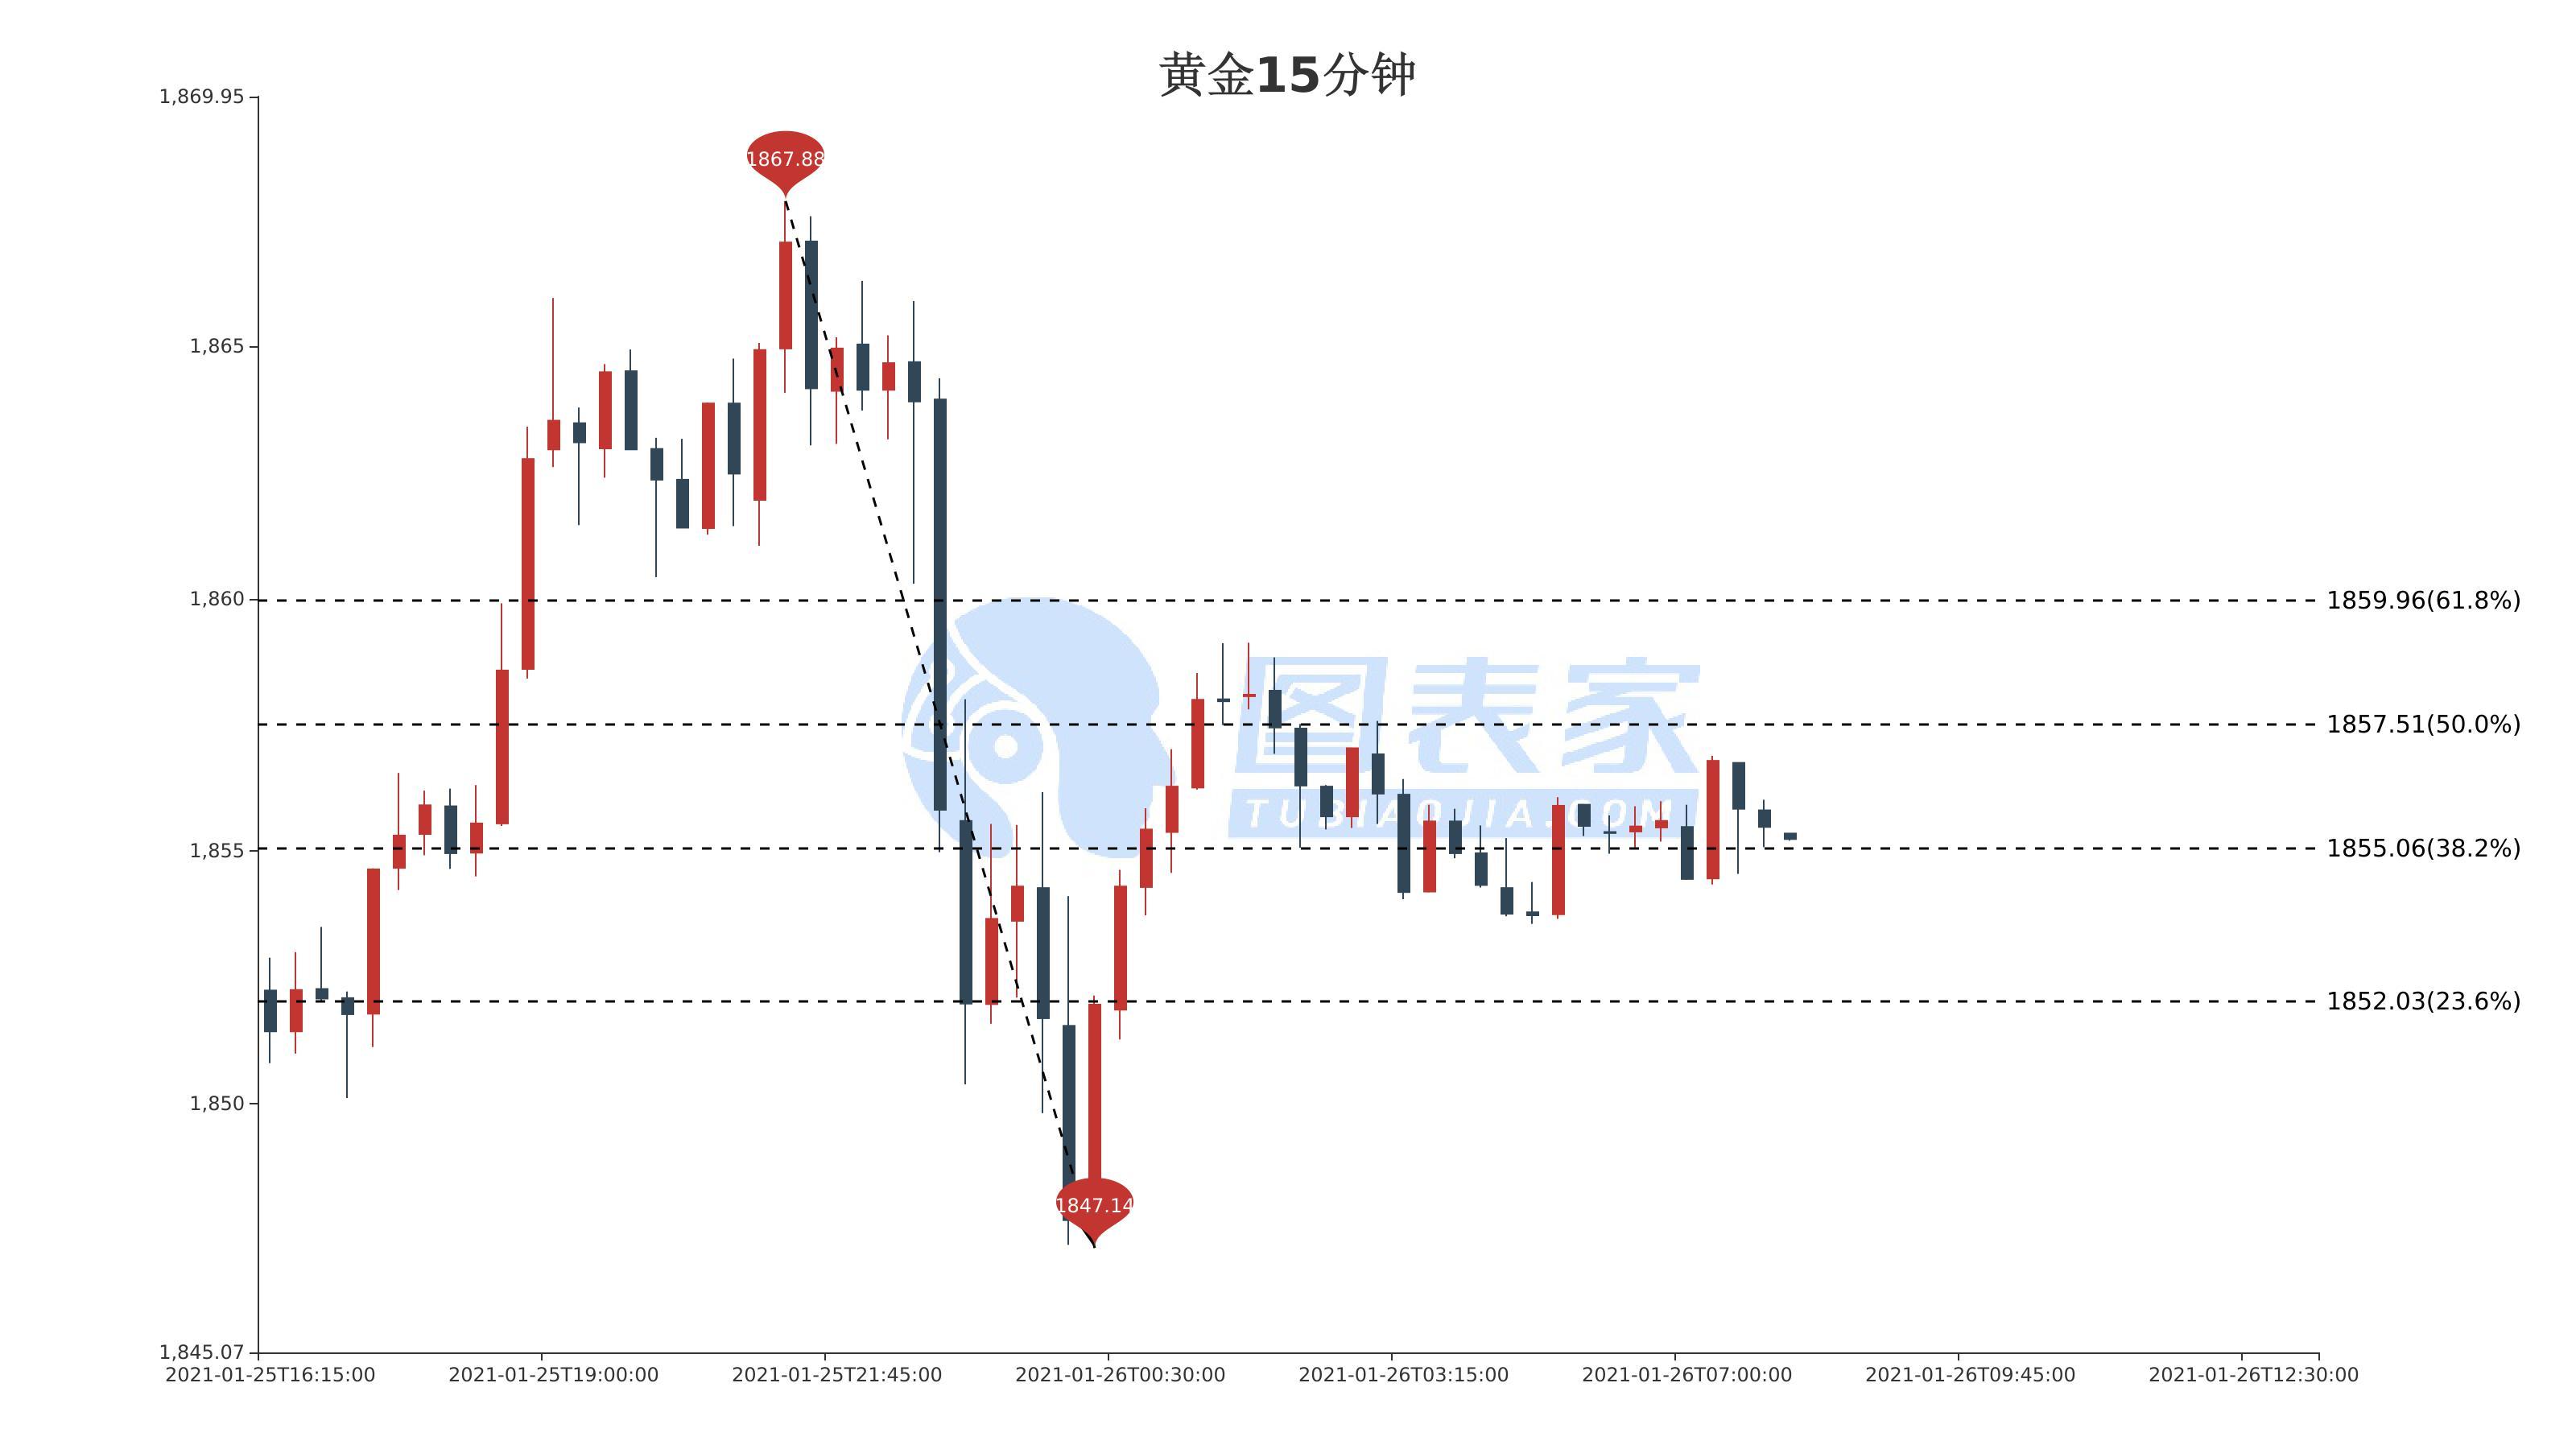 黄金价格走势分析:黄金短线走高,阻力见1857.51